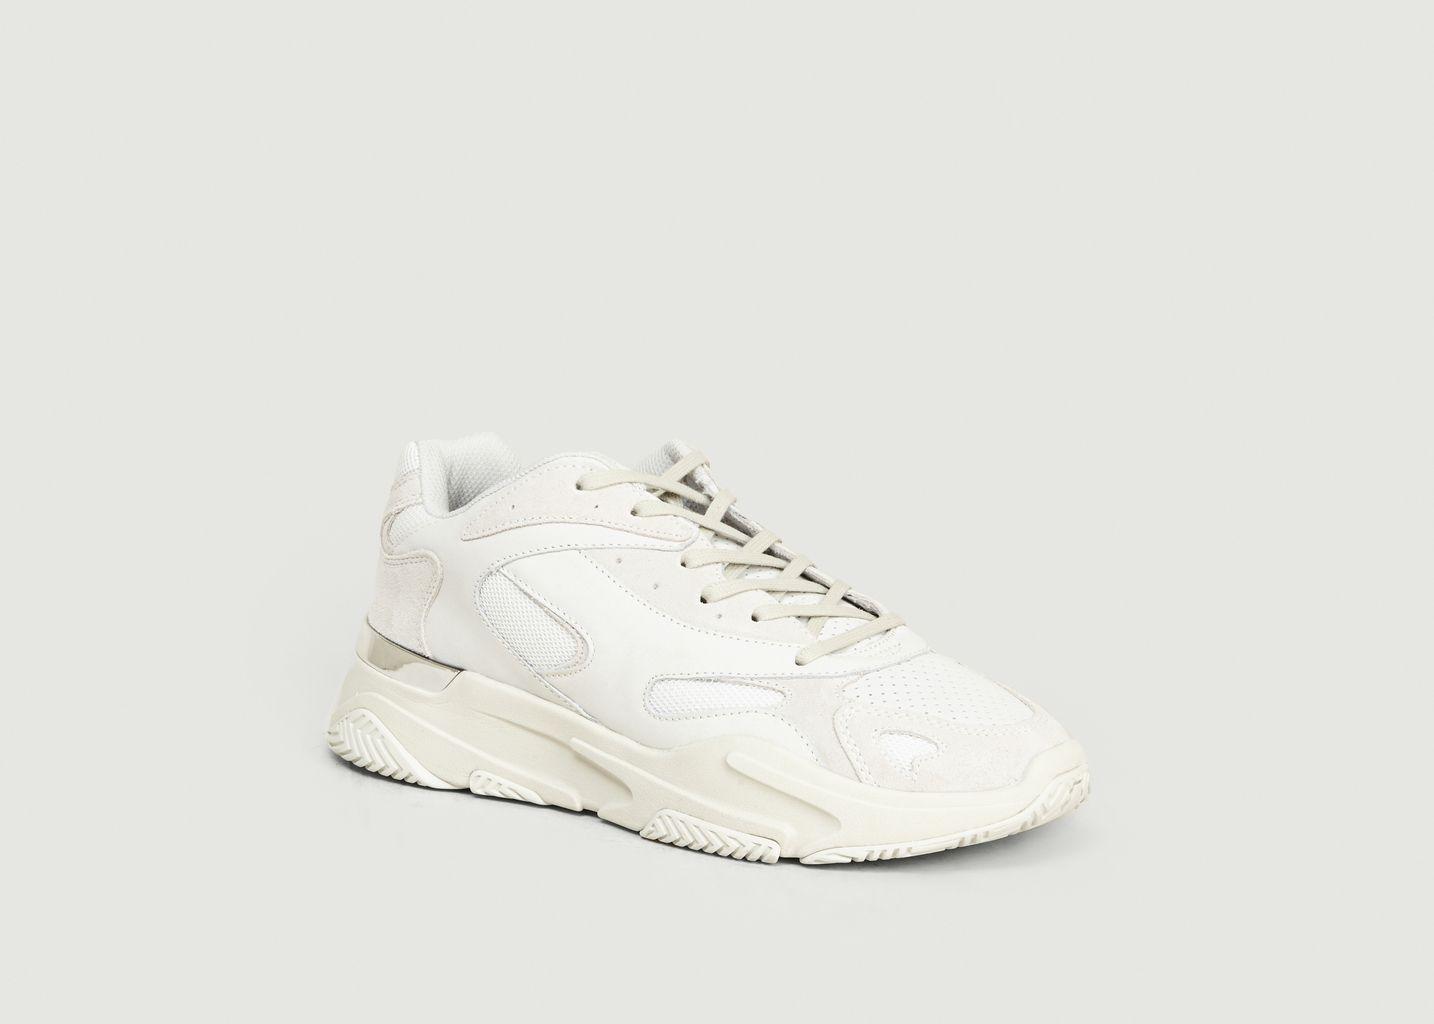 Sneakers Lurus Suède Nubuck White - Mallet Footwear